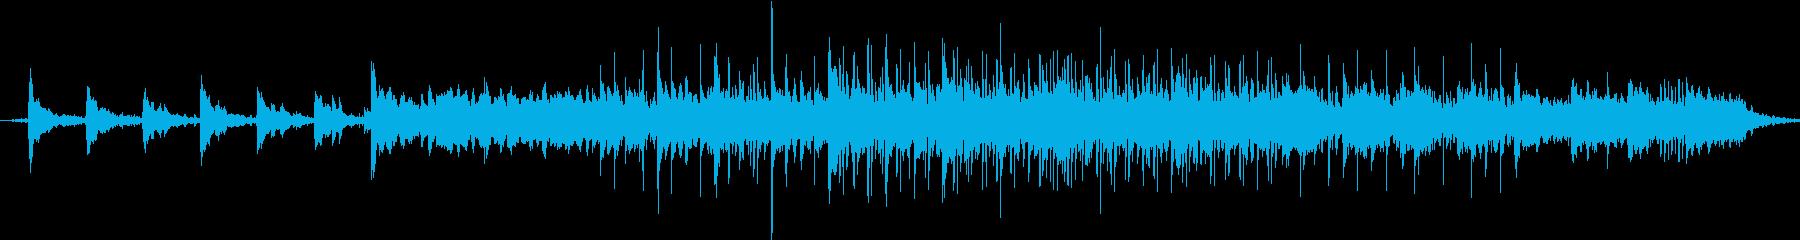 空の島 幻想的なリラックスミュージックの再生済みの波形